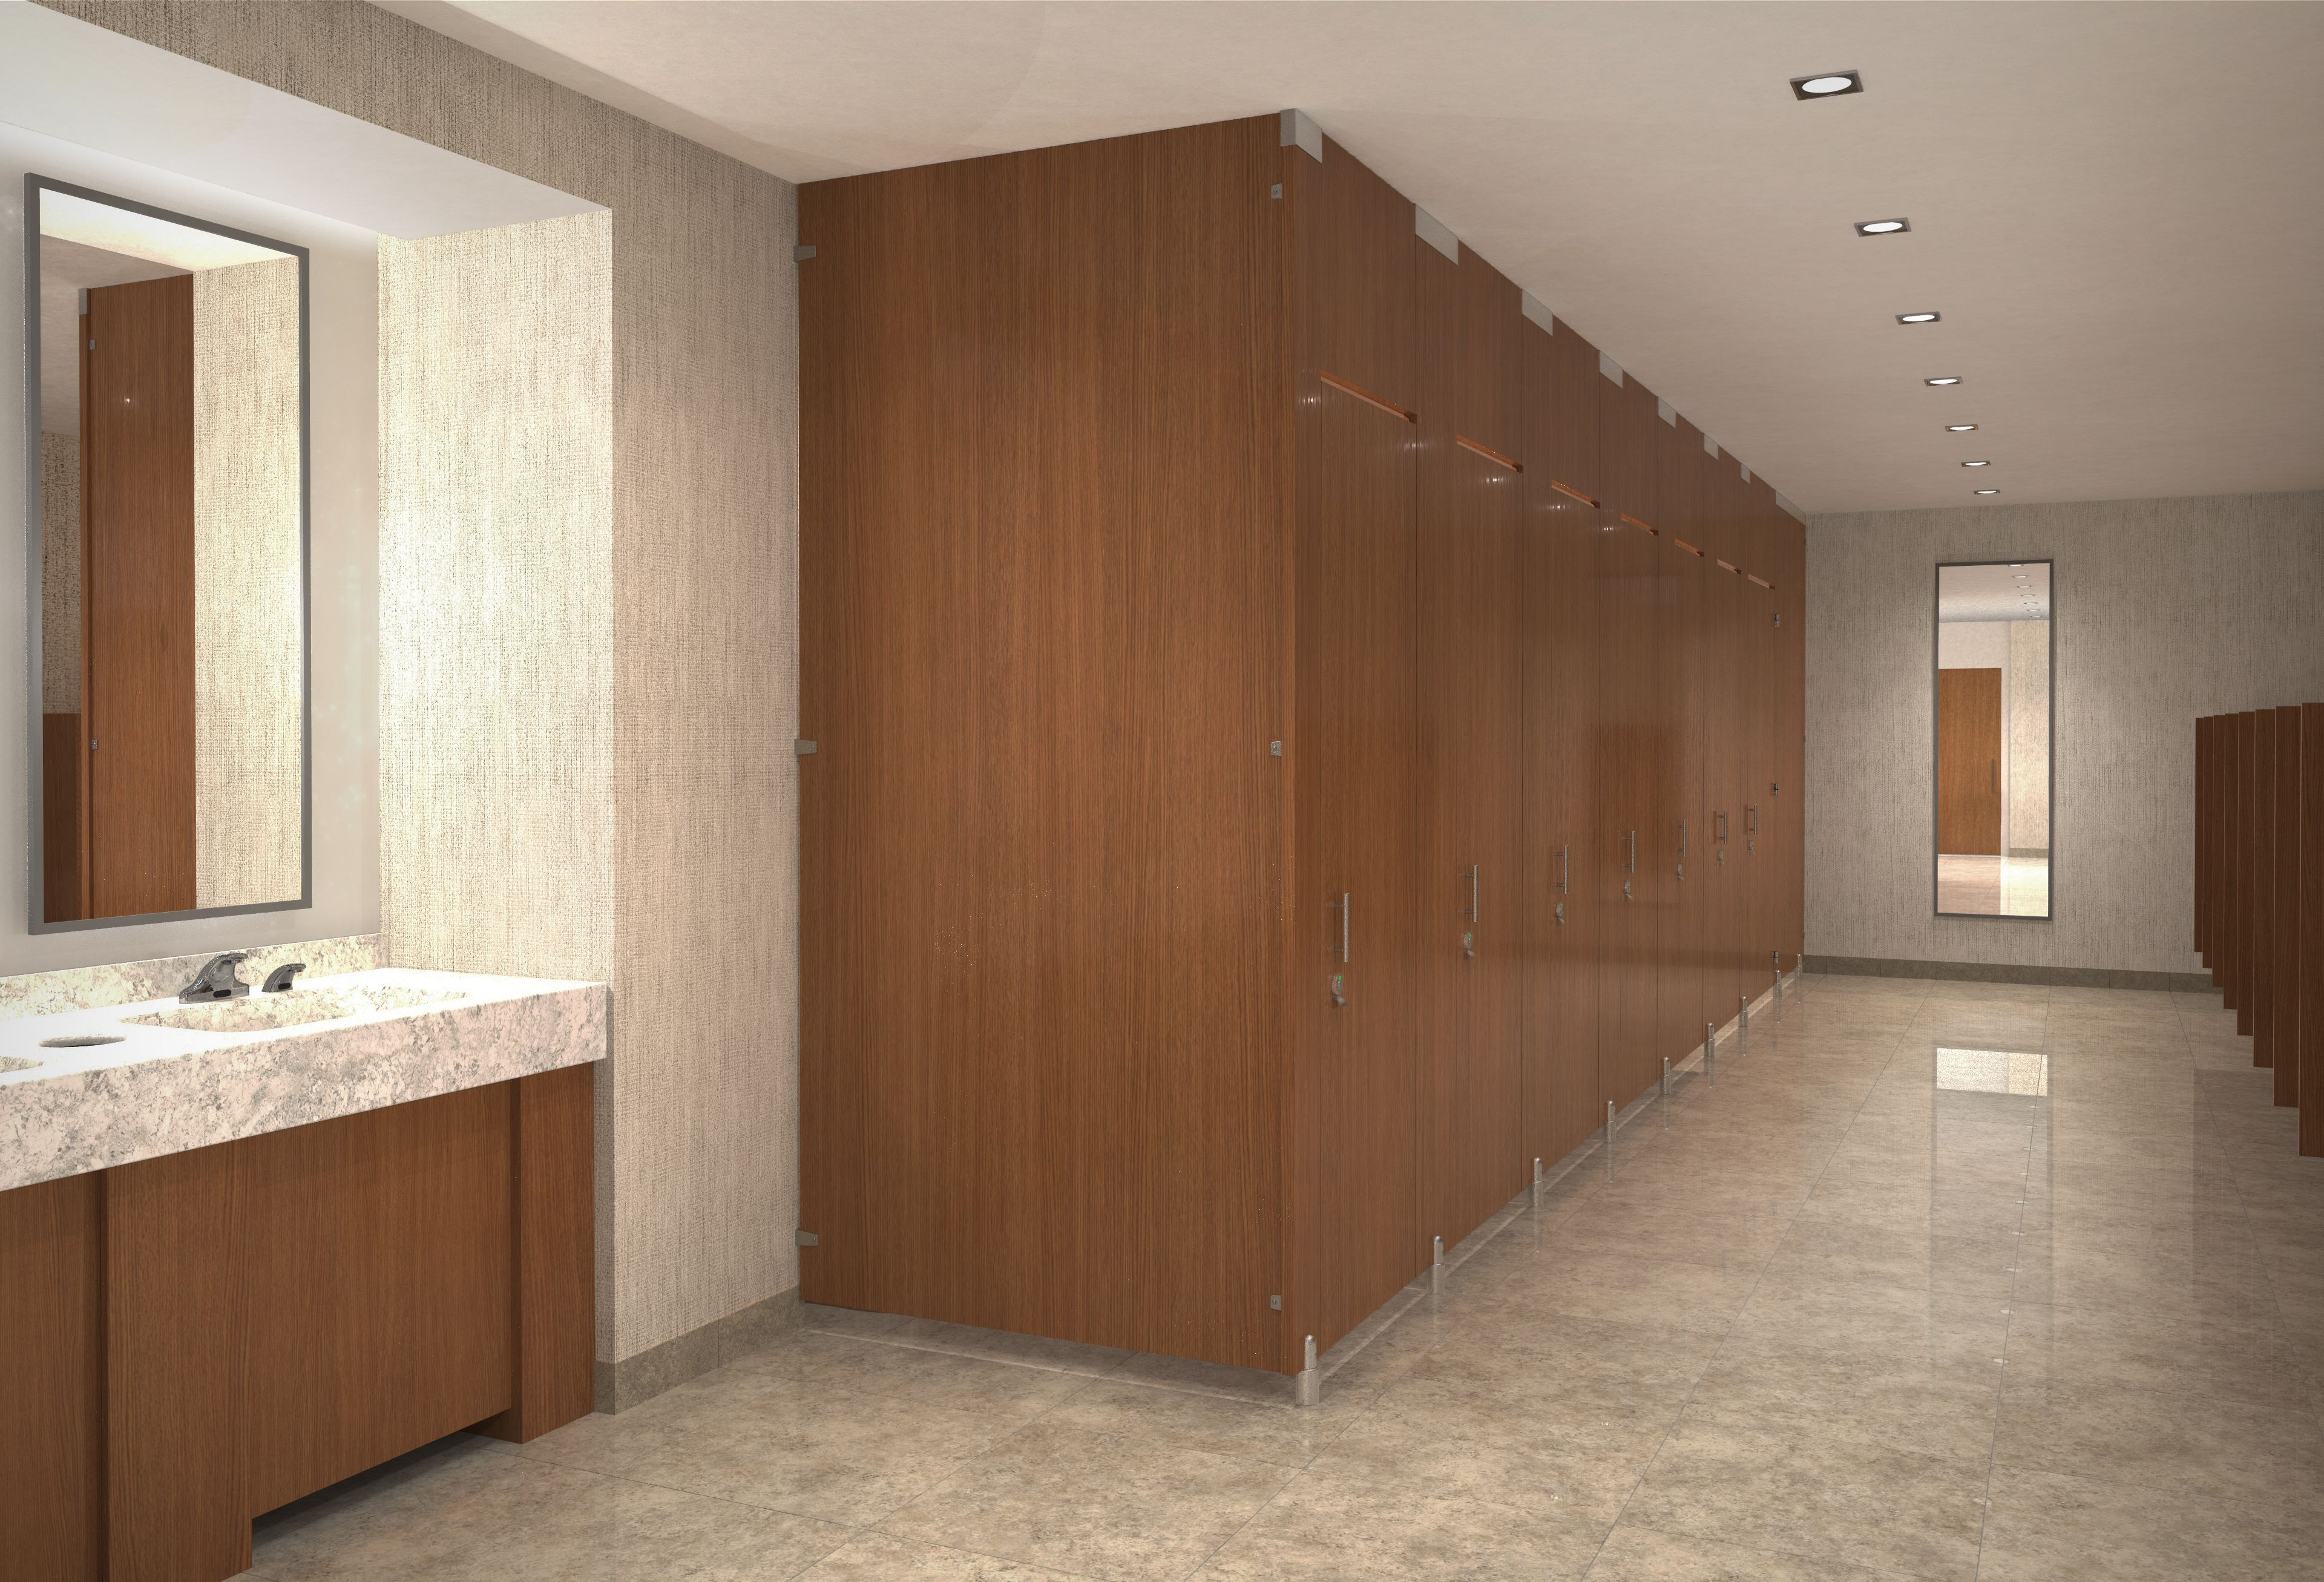 Ironwood Manufacturing All Gender Gender Neutral Or Gender Free Or Genderless Partitions Provide Th Gender Neutral Bathrooms Public Bathrooms Public Restroom